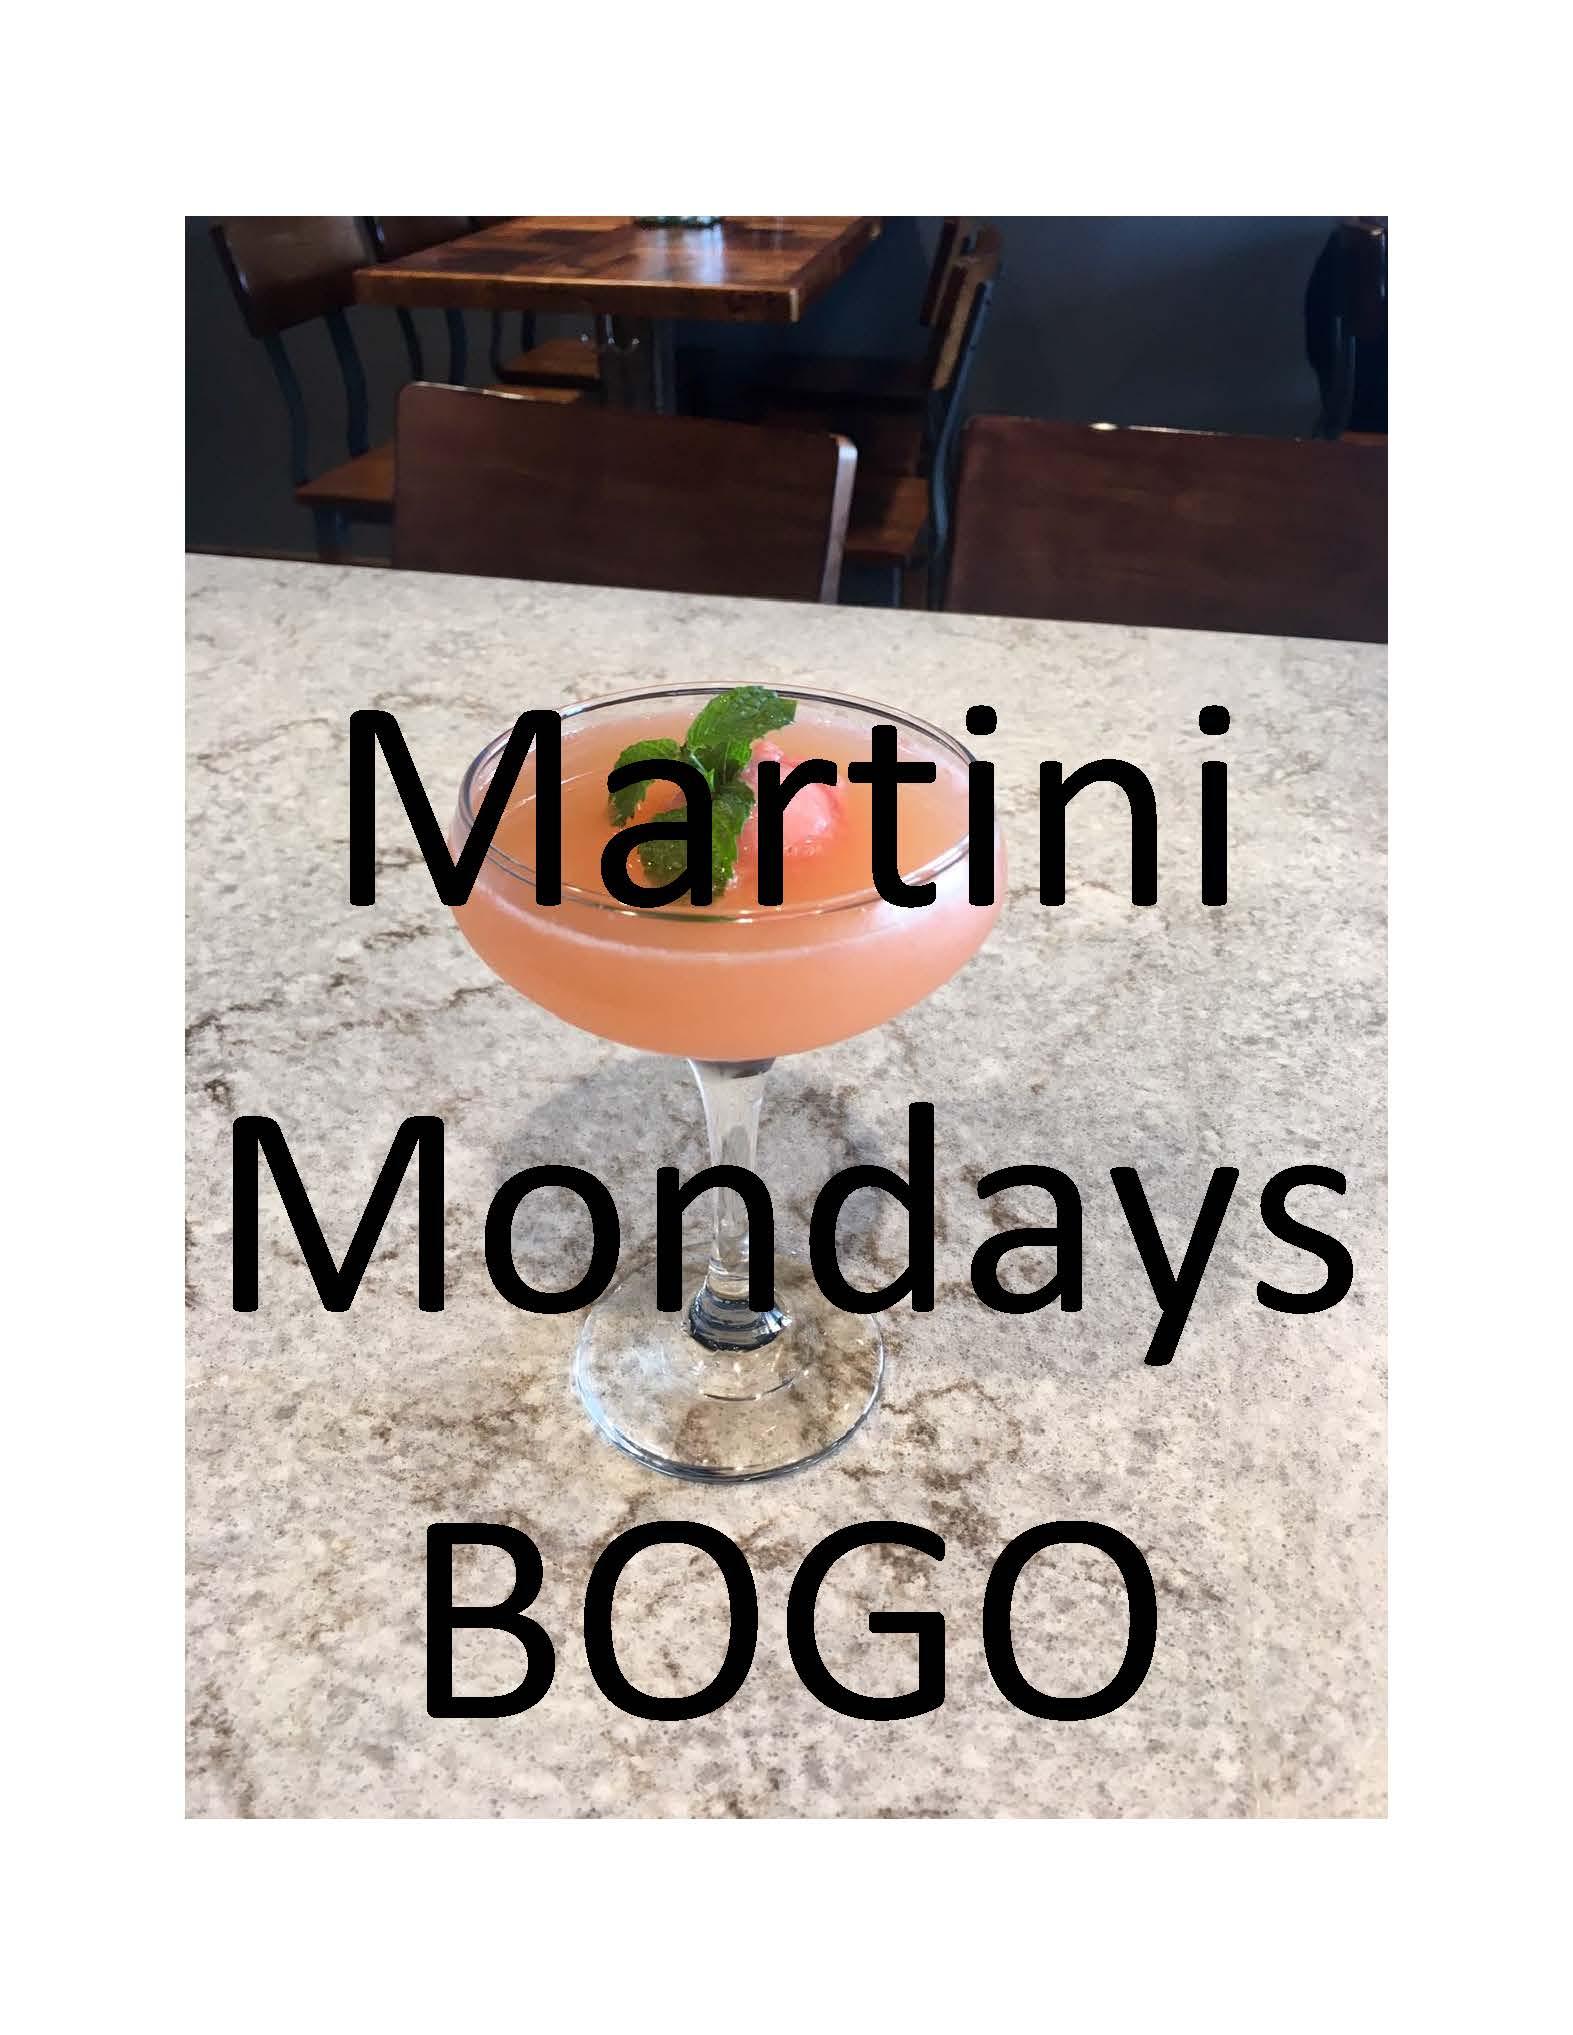 Martini Mondays BOGO - Poster.jpg